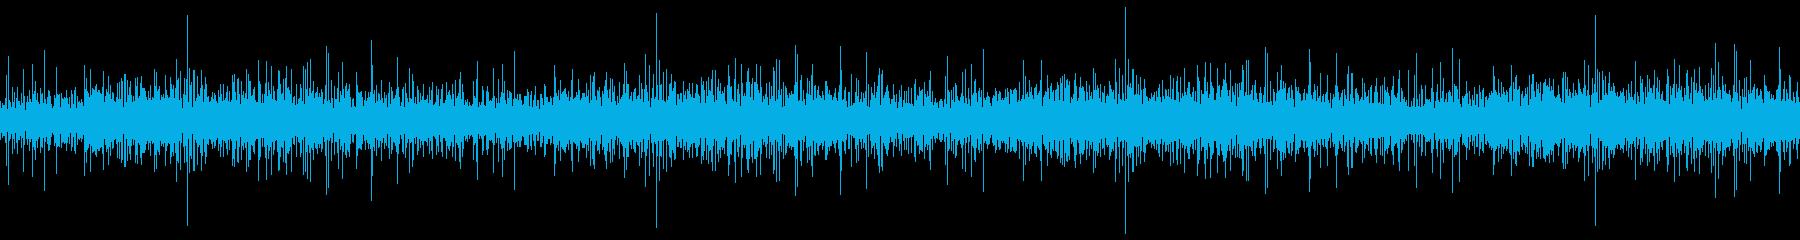 グツグツ鍋の音(ループ)の再生済みの波形